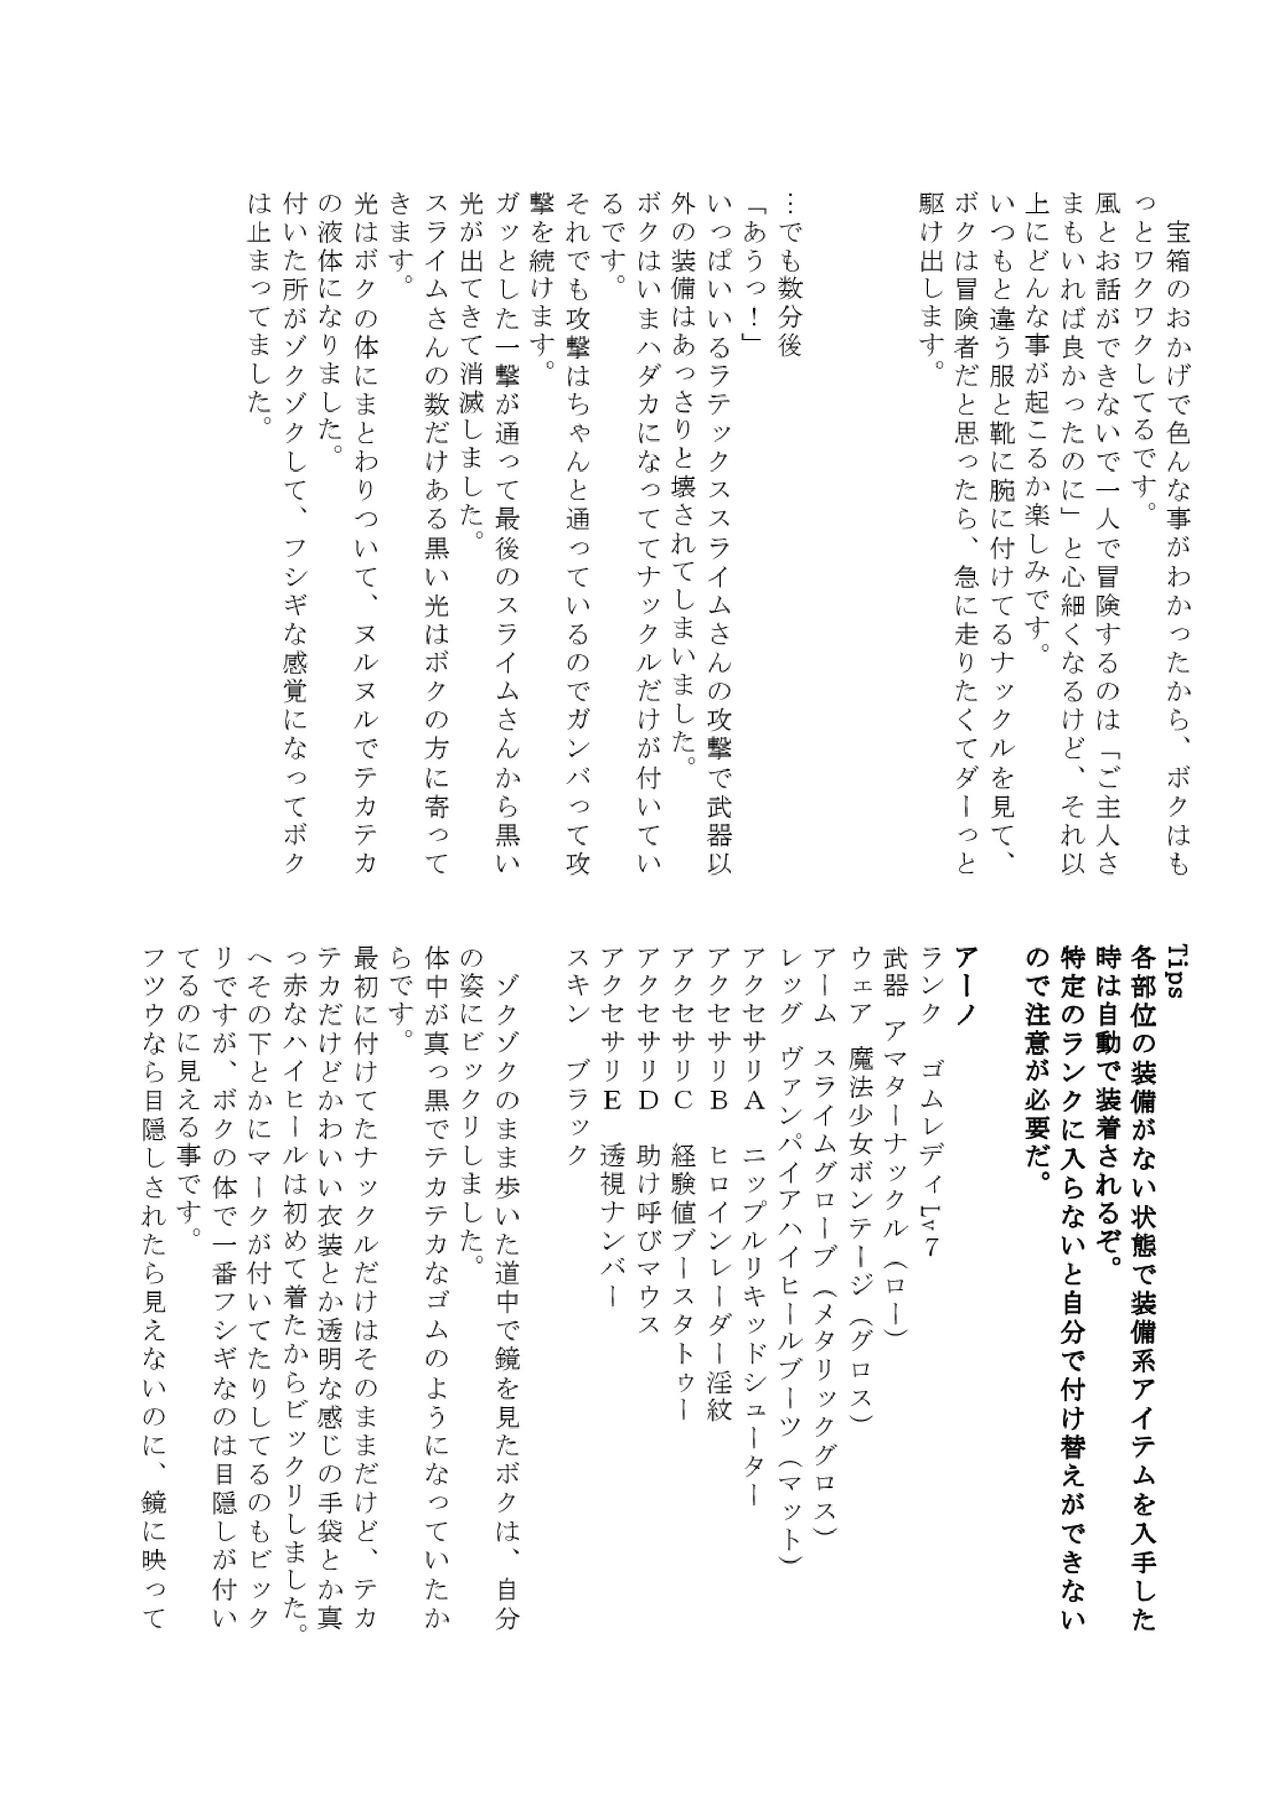 Gomboat-ka Goudou Zecchou Gomu 53